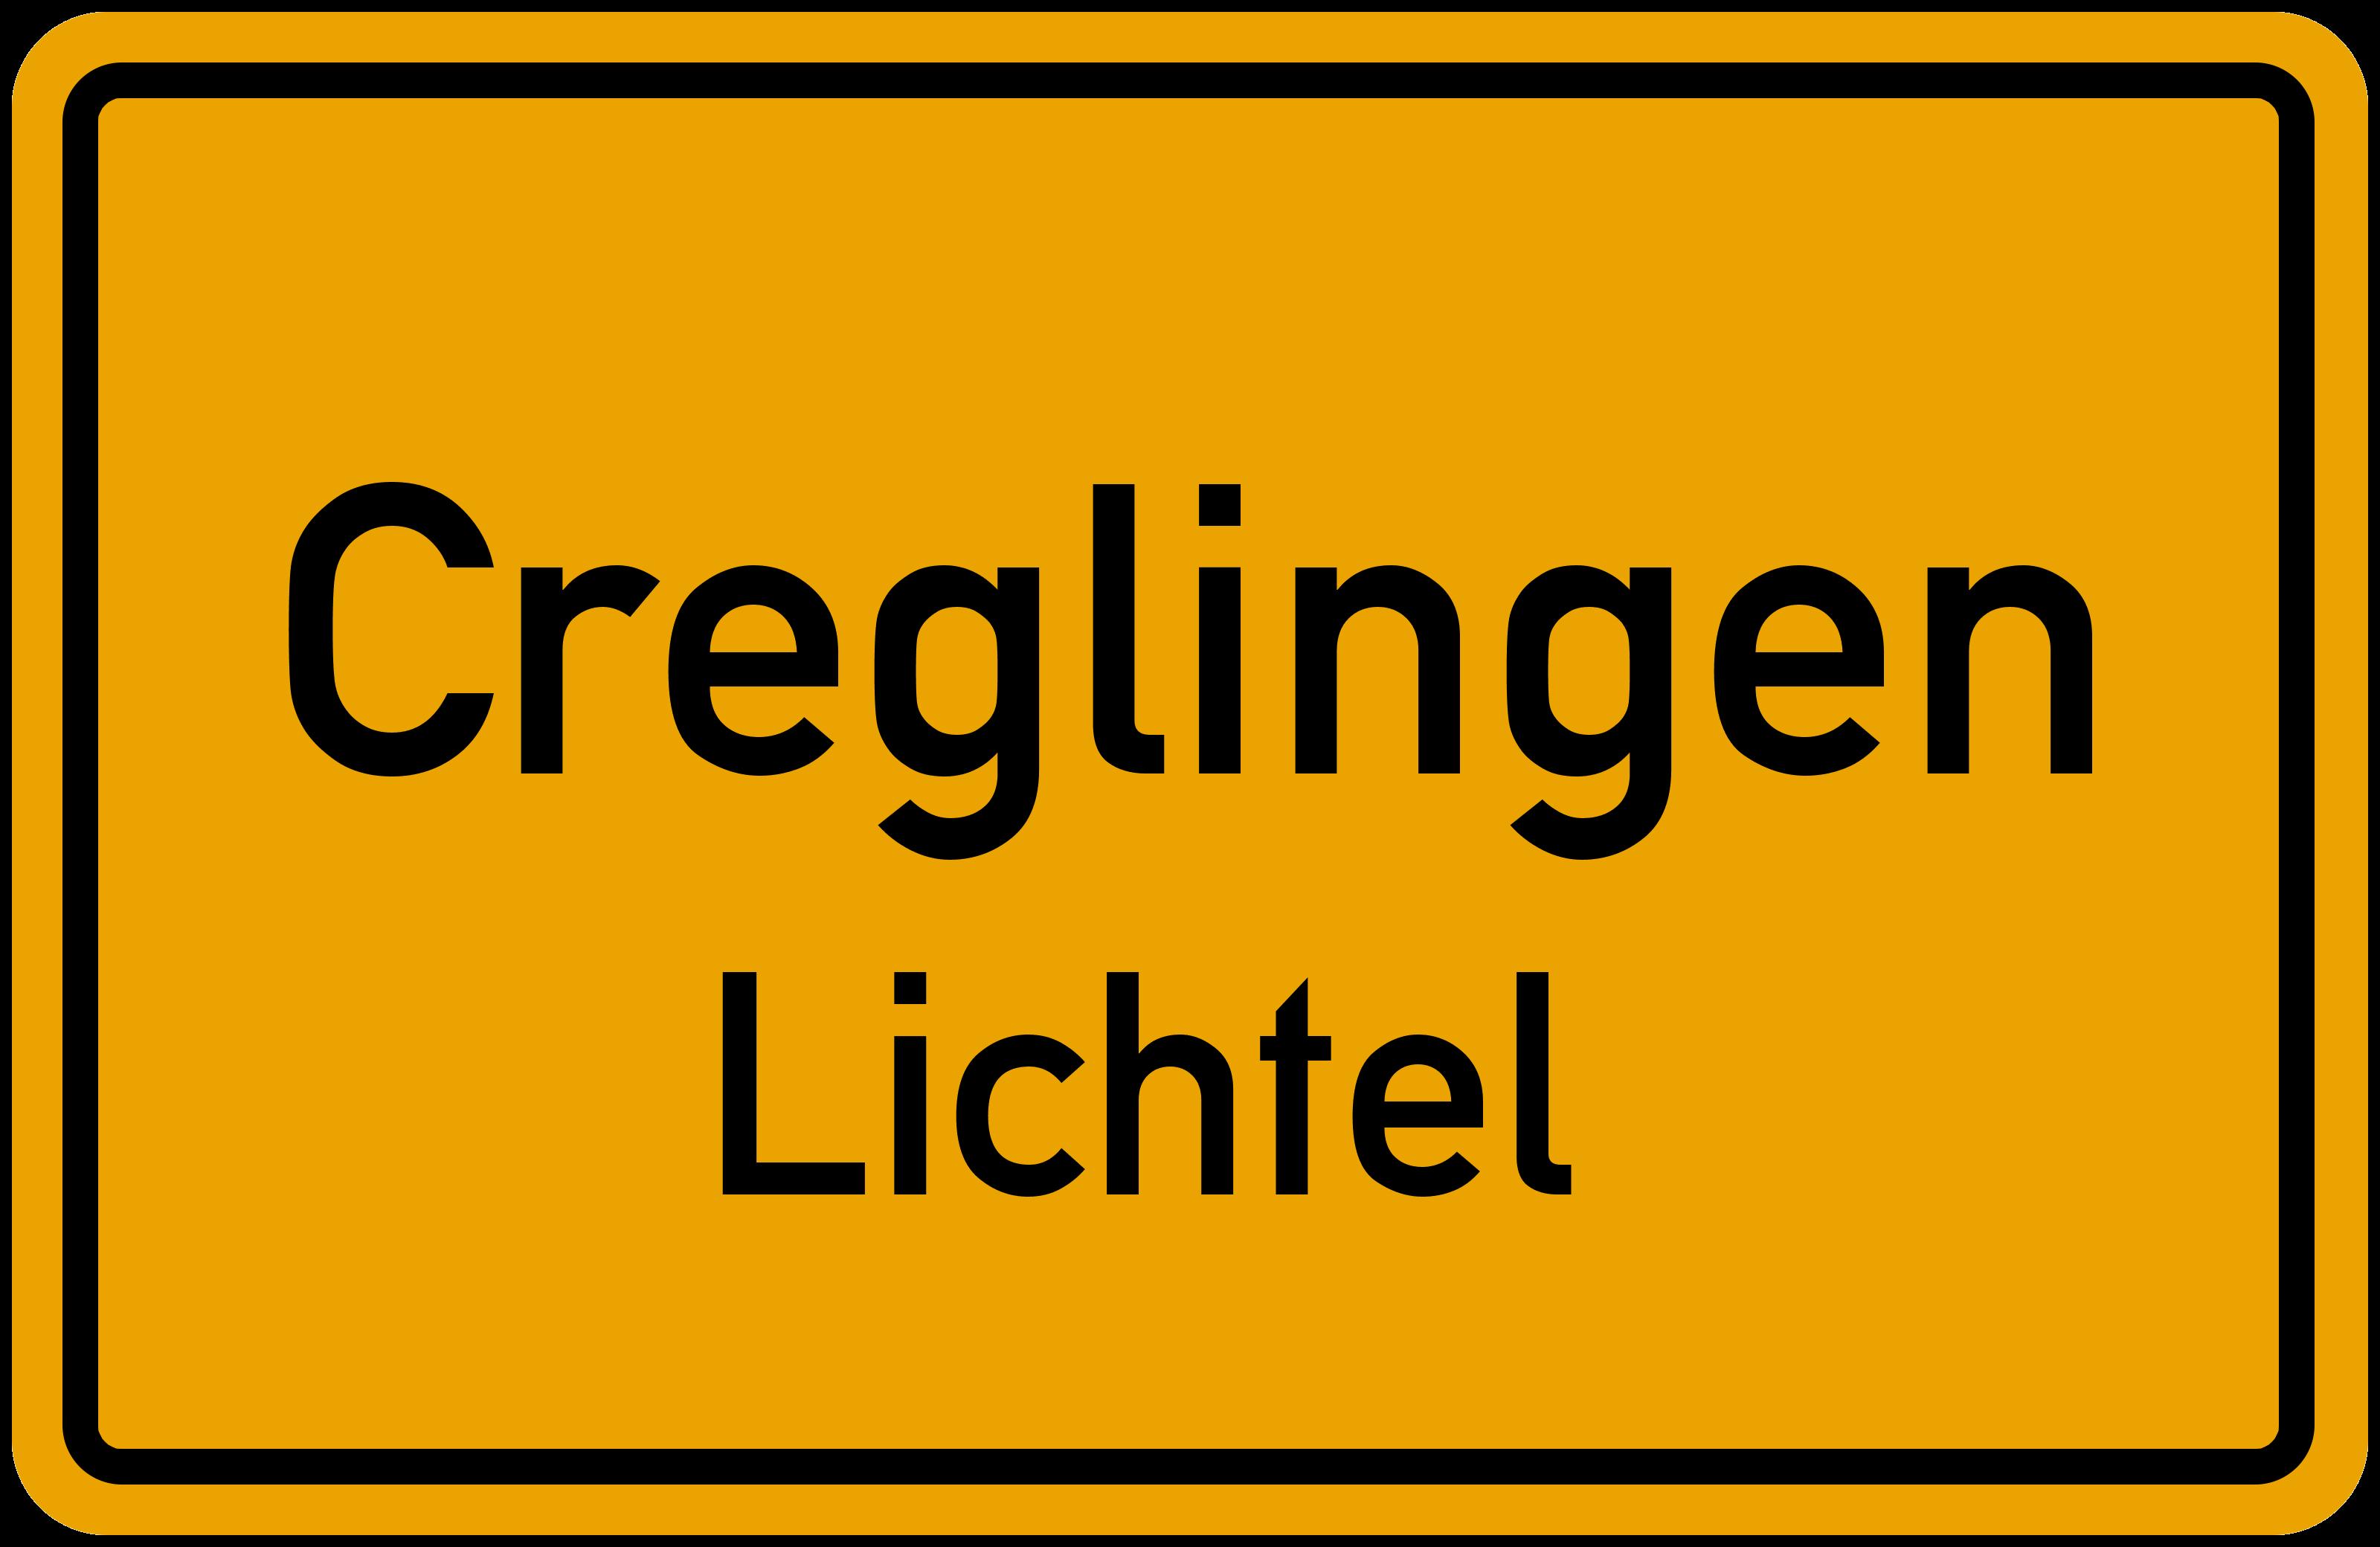 lichtel